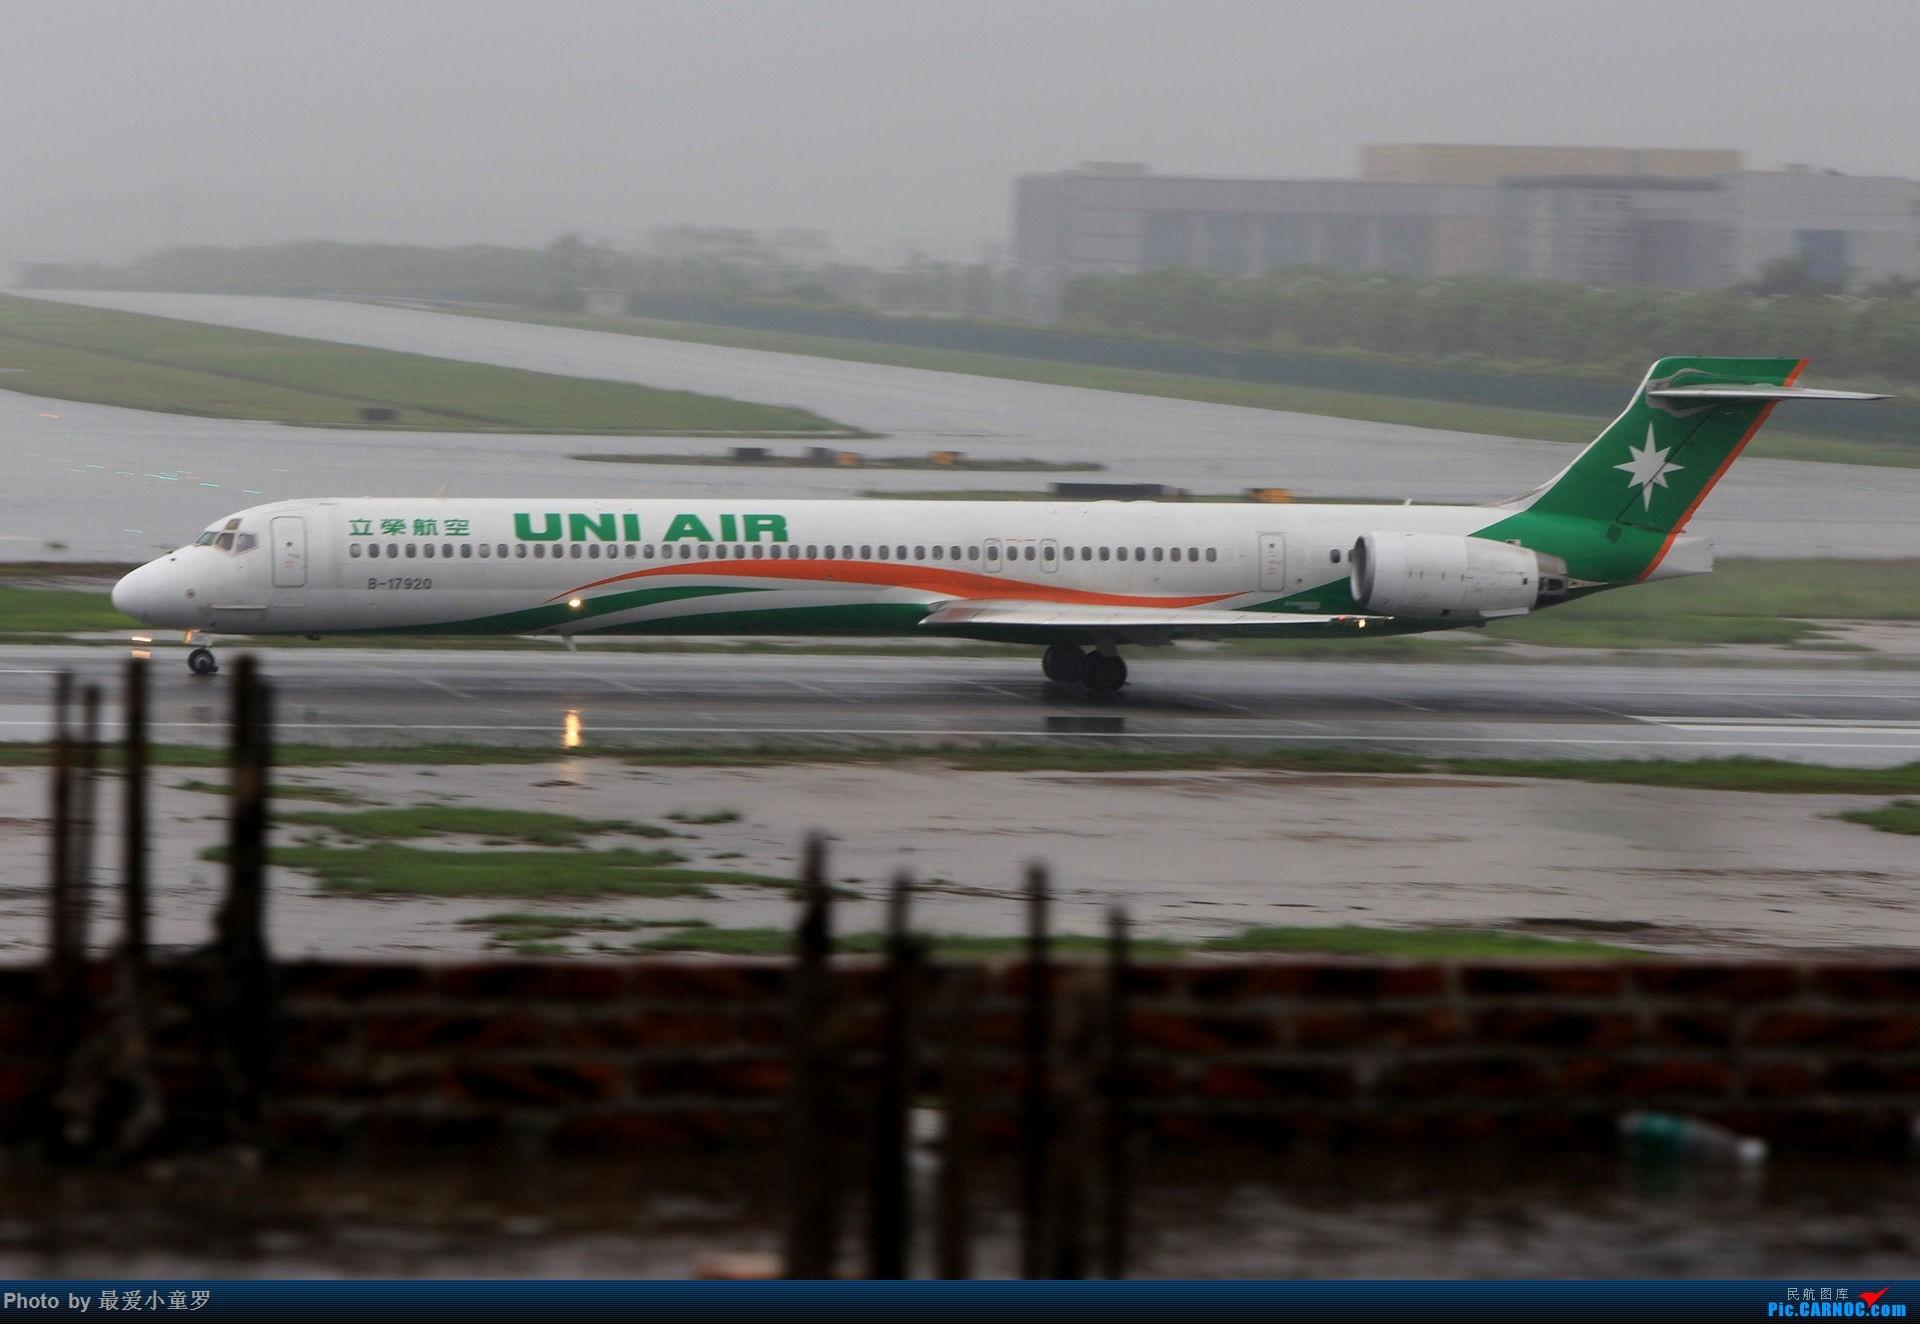 Re:[原创]旧的不去,新的不来——致2014远去的背影! MD MD-90-30 B-17920 中国广州白云国际机场